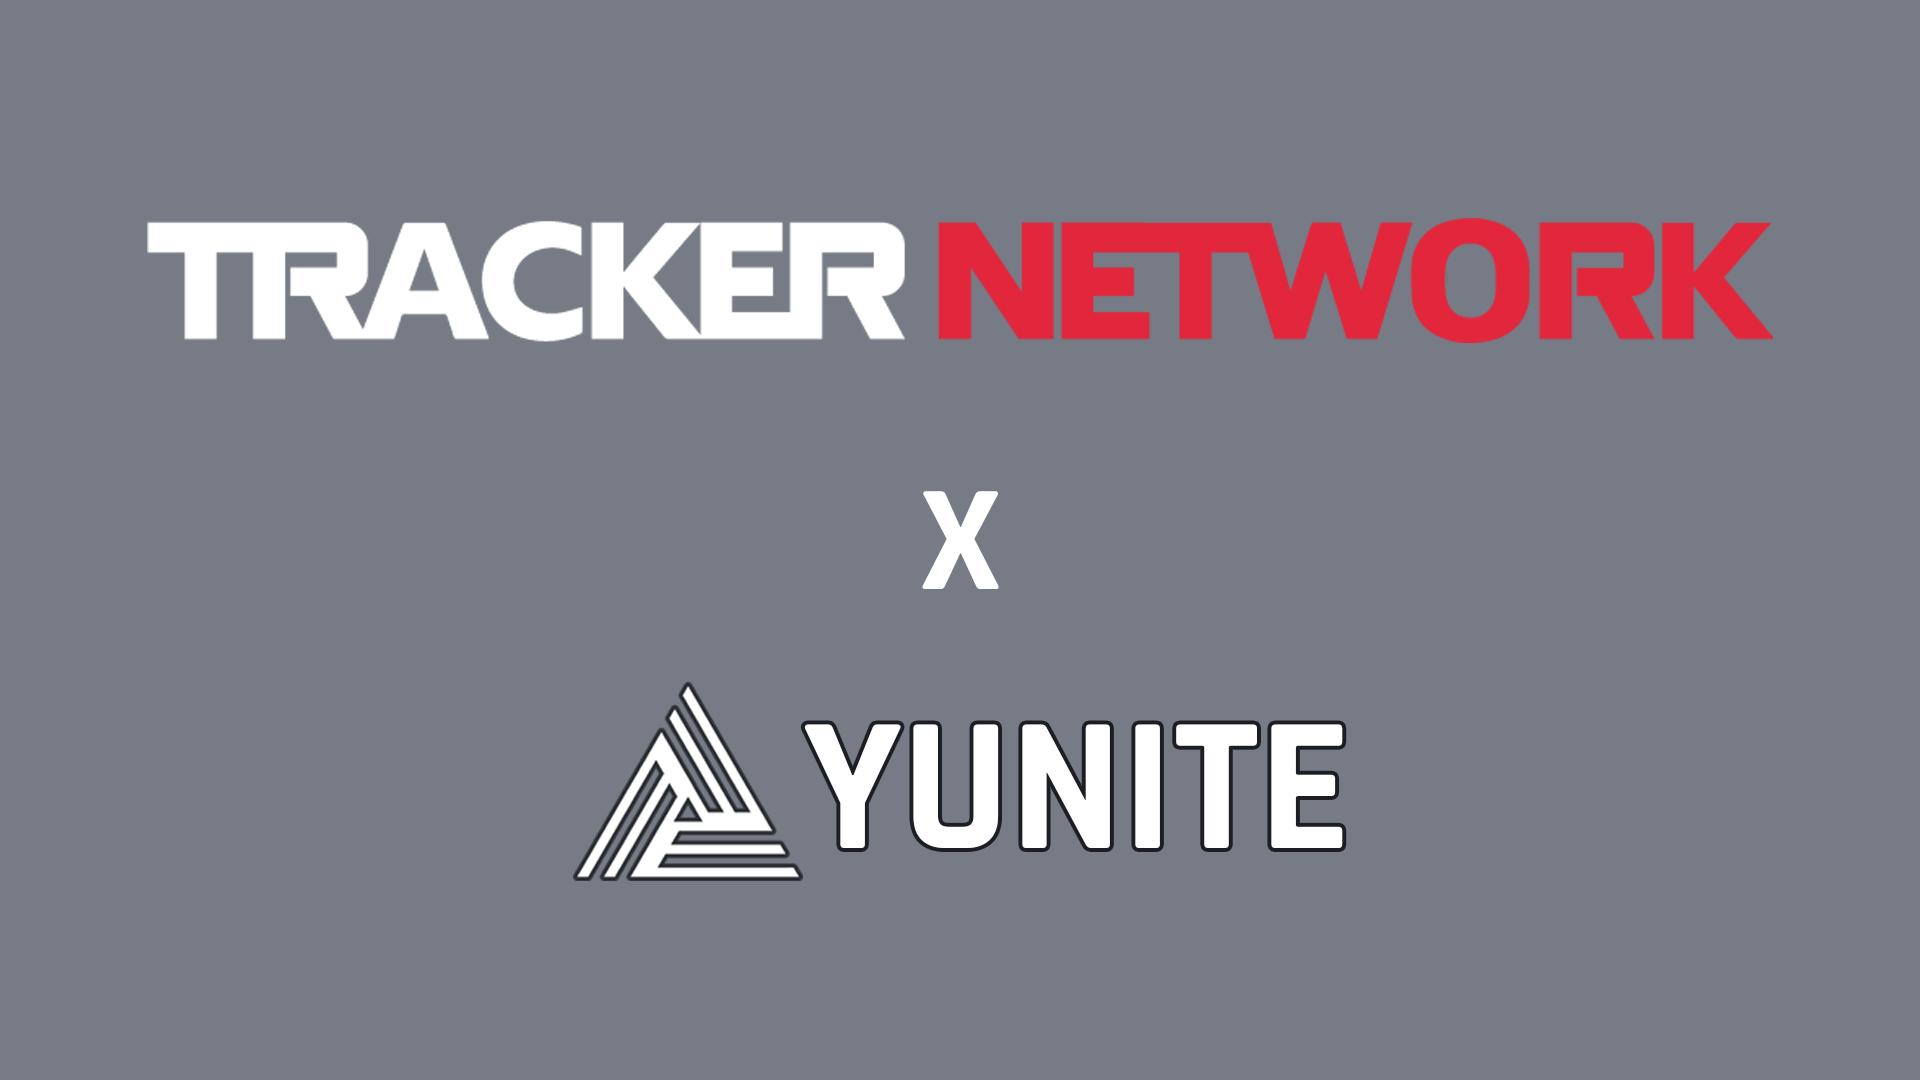 Discord Tracker announcement: fortnite tracker x yunite (discord server